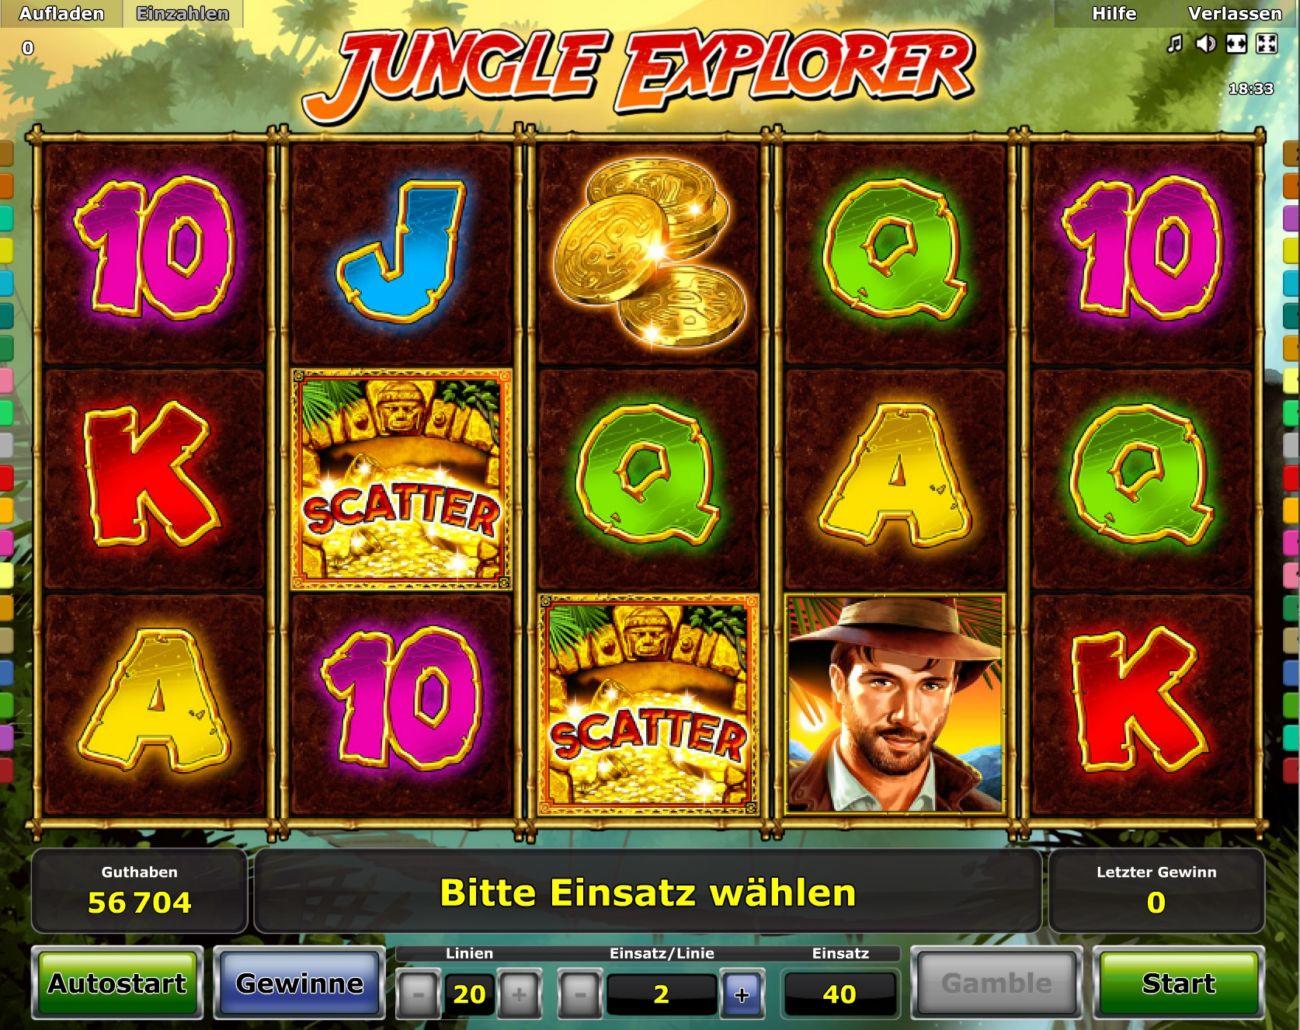 online casino app sofort kostenlos spielen